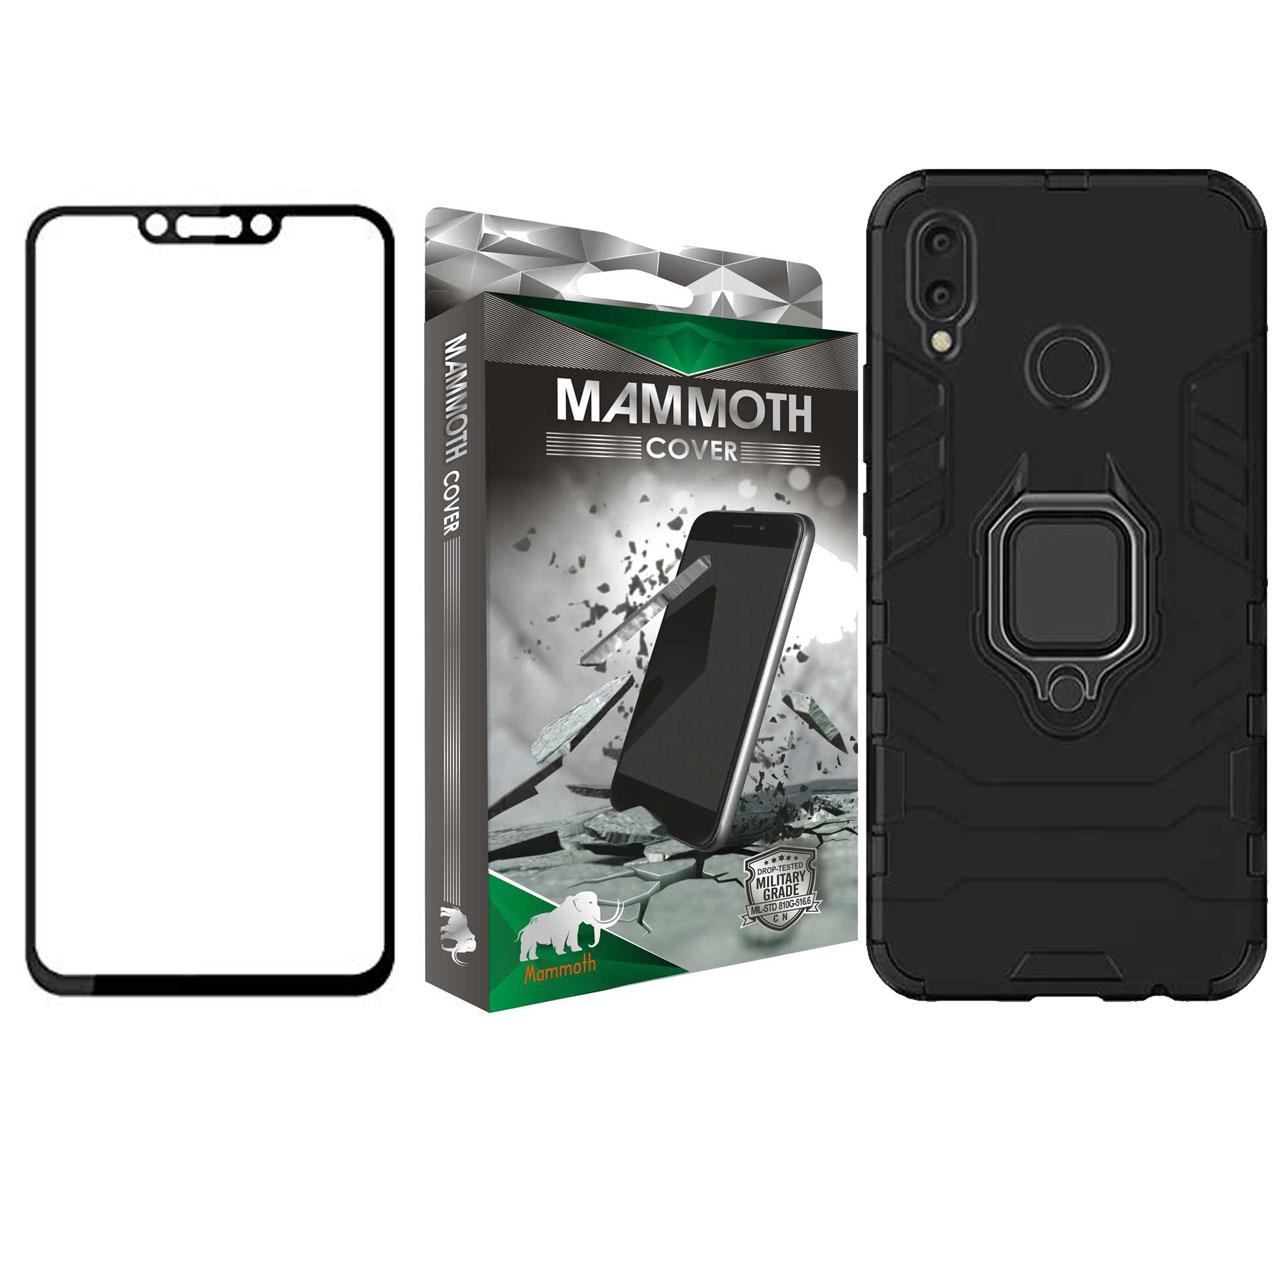 کاور ماموت مدل M-GHB-MGNT مناسب برای گوشی موبایل هوآوی Nova 3i به همراه محافظ صفحه نمایش